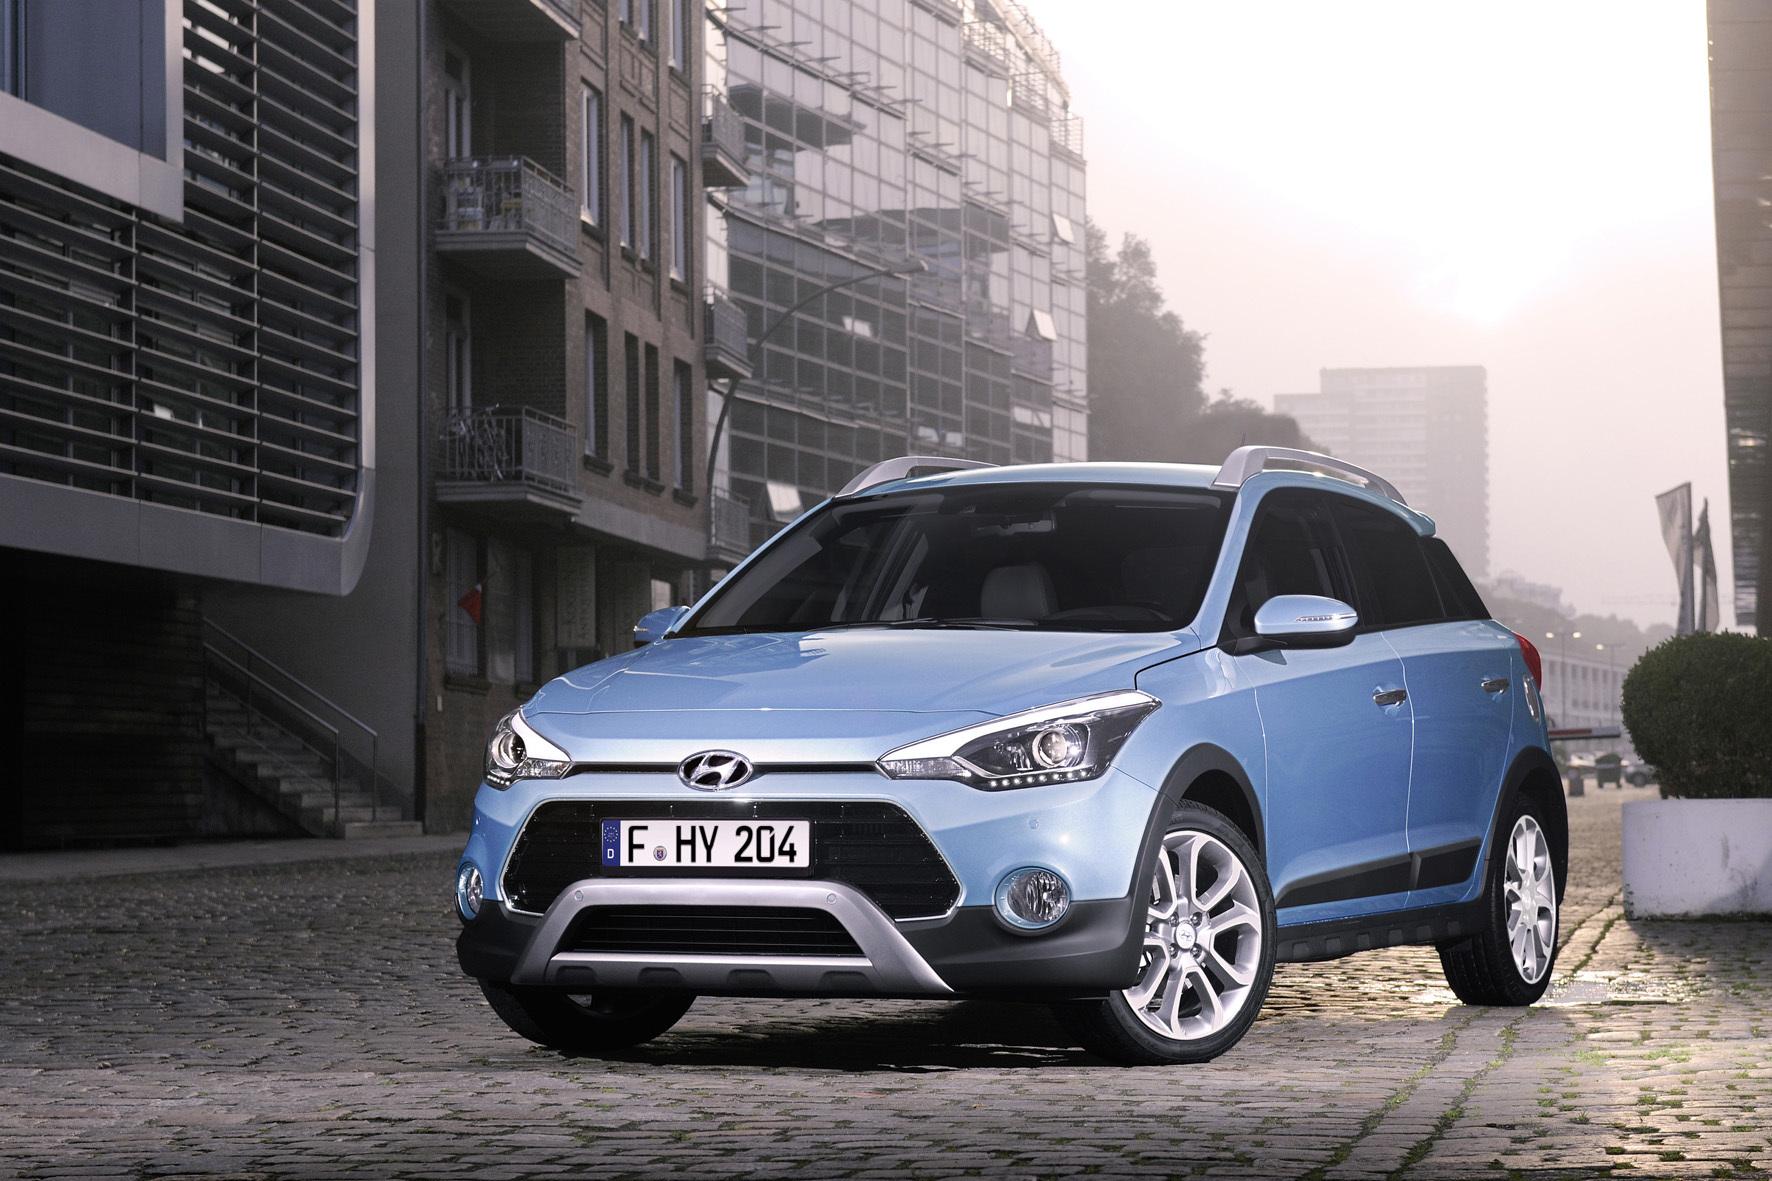 mid Düsseldorf - Hyundai führt bei seiner Kleinwagen-Baureihe i20 neue Drei- und Vierzylinder-Turbobenziner ein. Einen neuen Dreizylinder-Direkteinspritzer präsentierten die Koreaner jetzt im Crossover i20 Active (Foto).